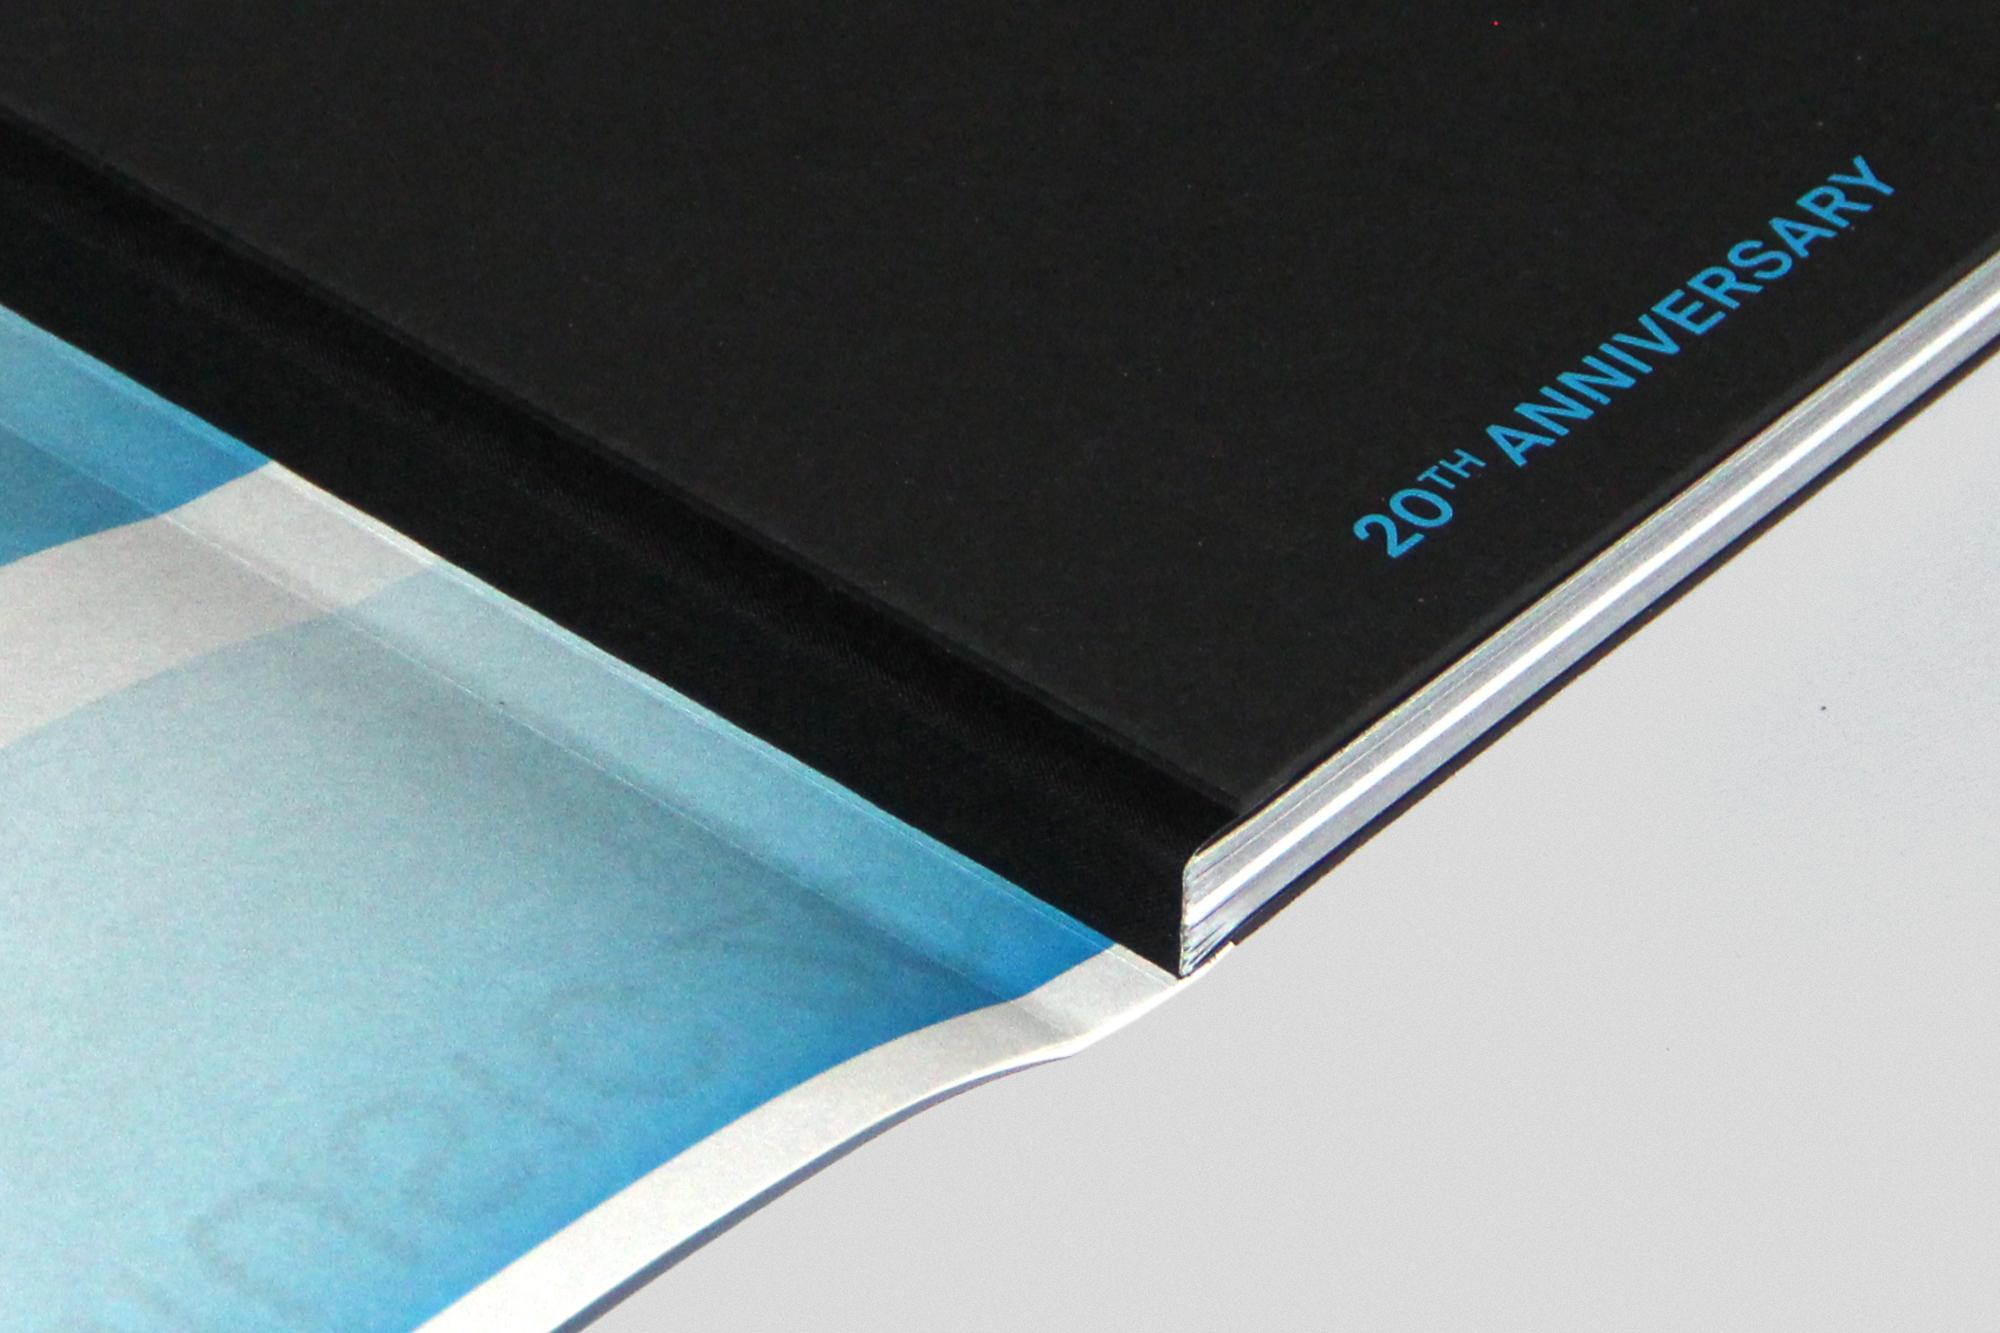 ultra_book_34